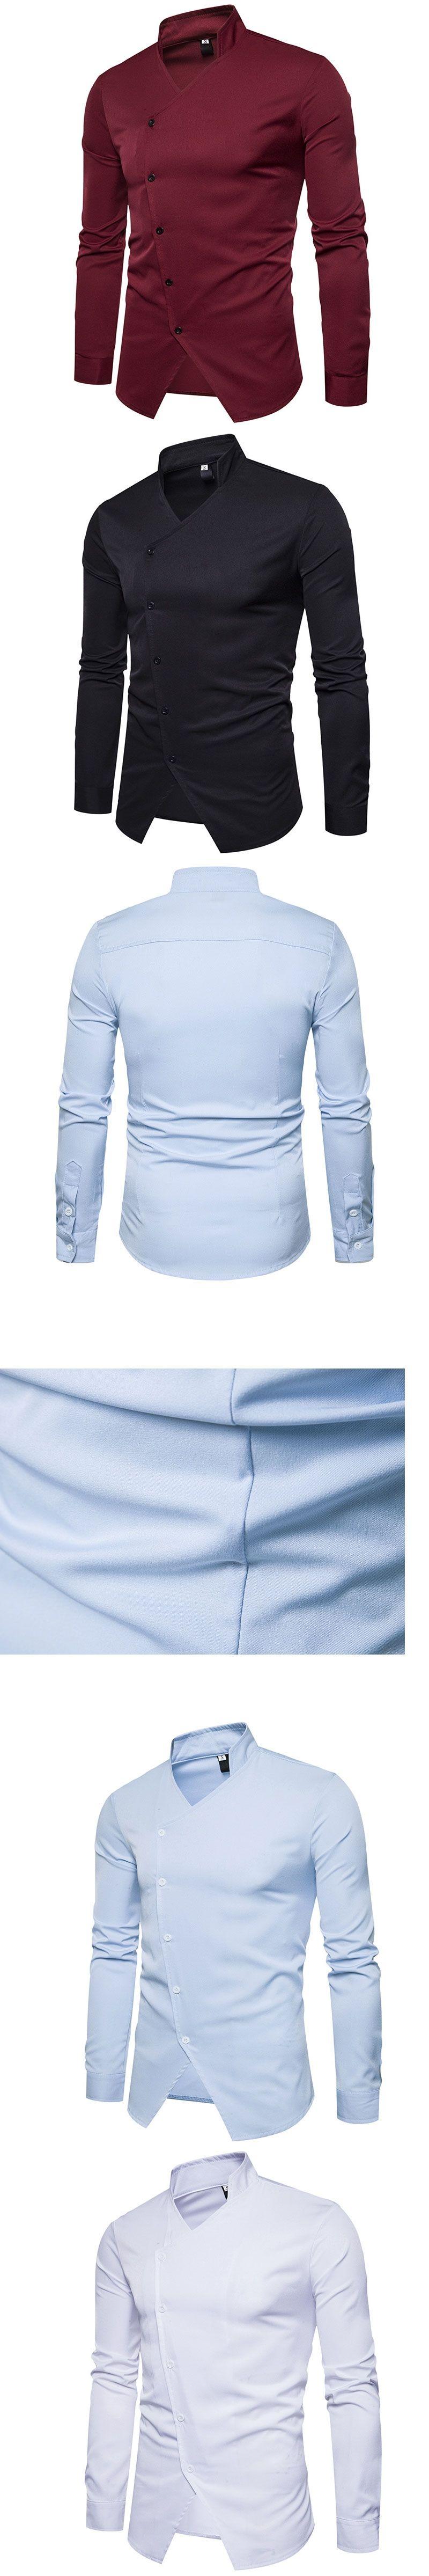 HOT 2017 winter autumn base business evening formal Collar Open fork stylist design long-sleeve shirt male men causal shirts